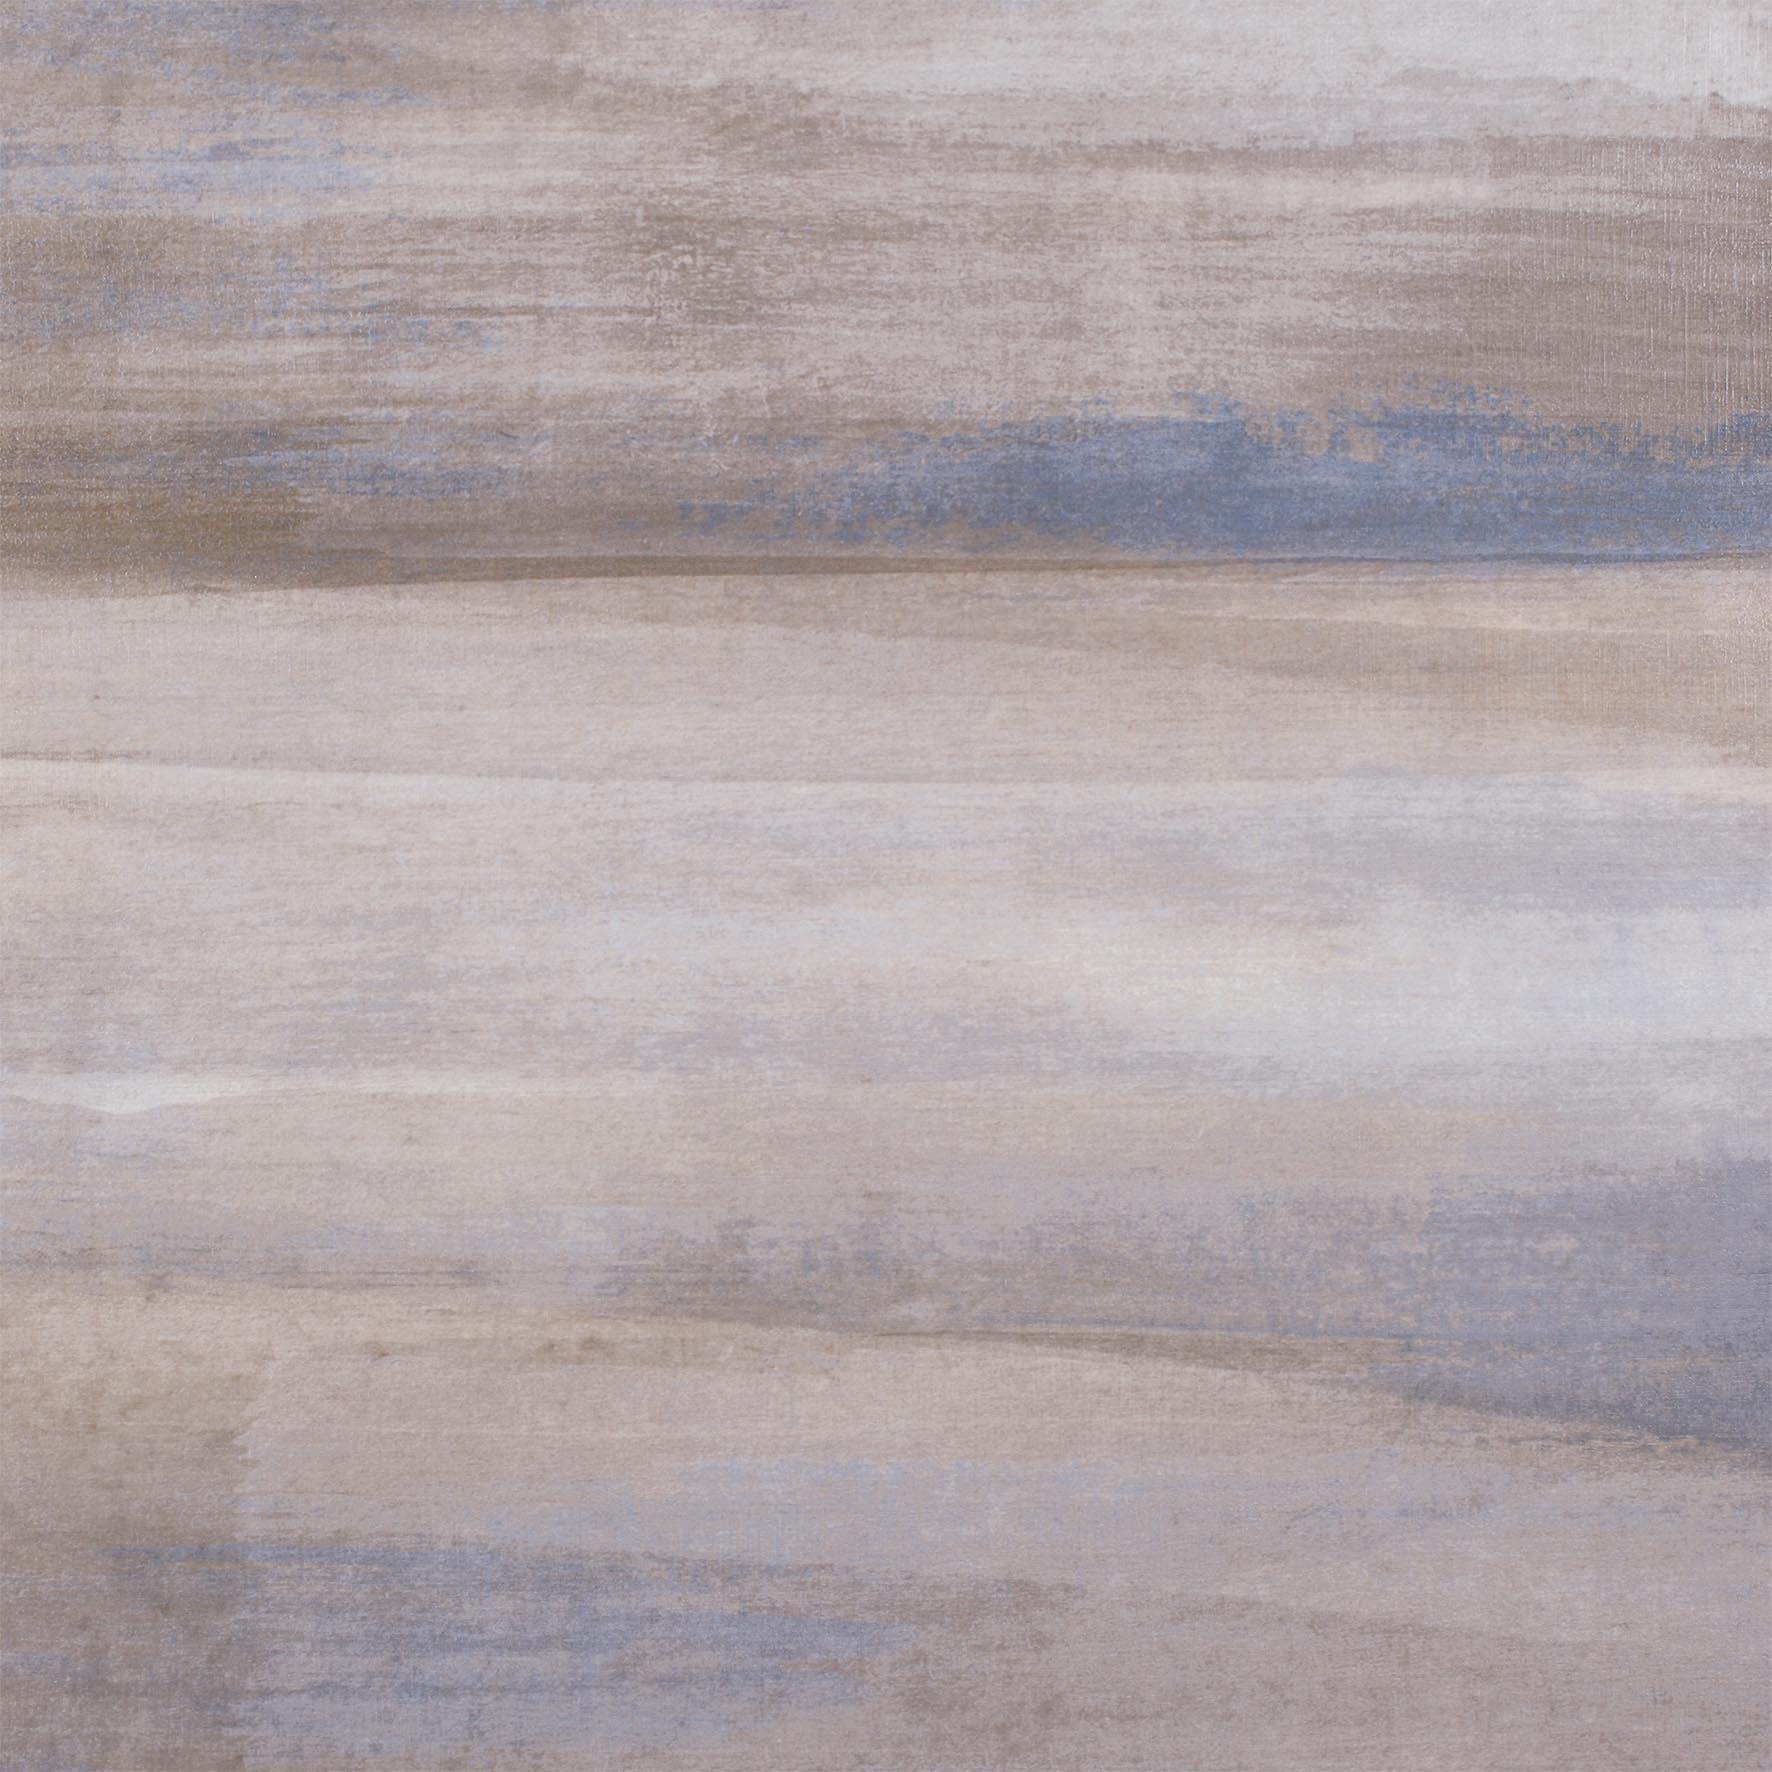 Nurb. blu2.jpg